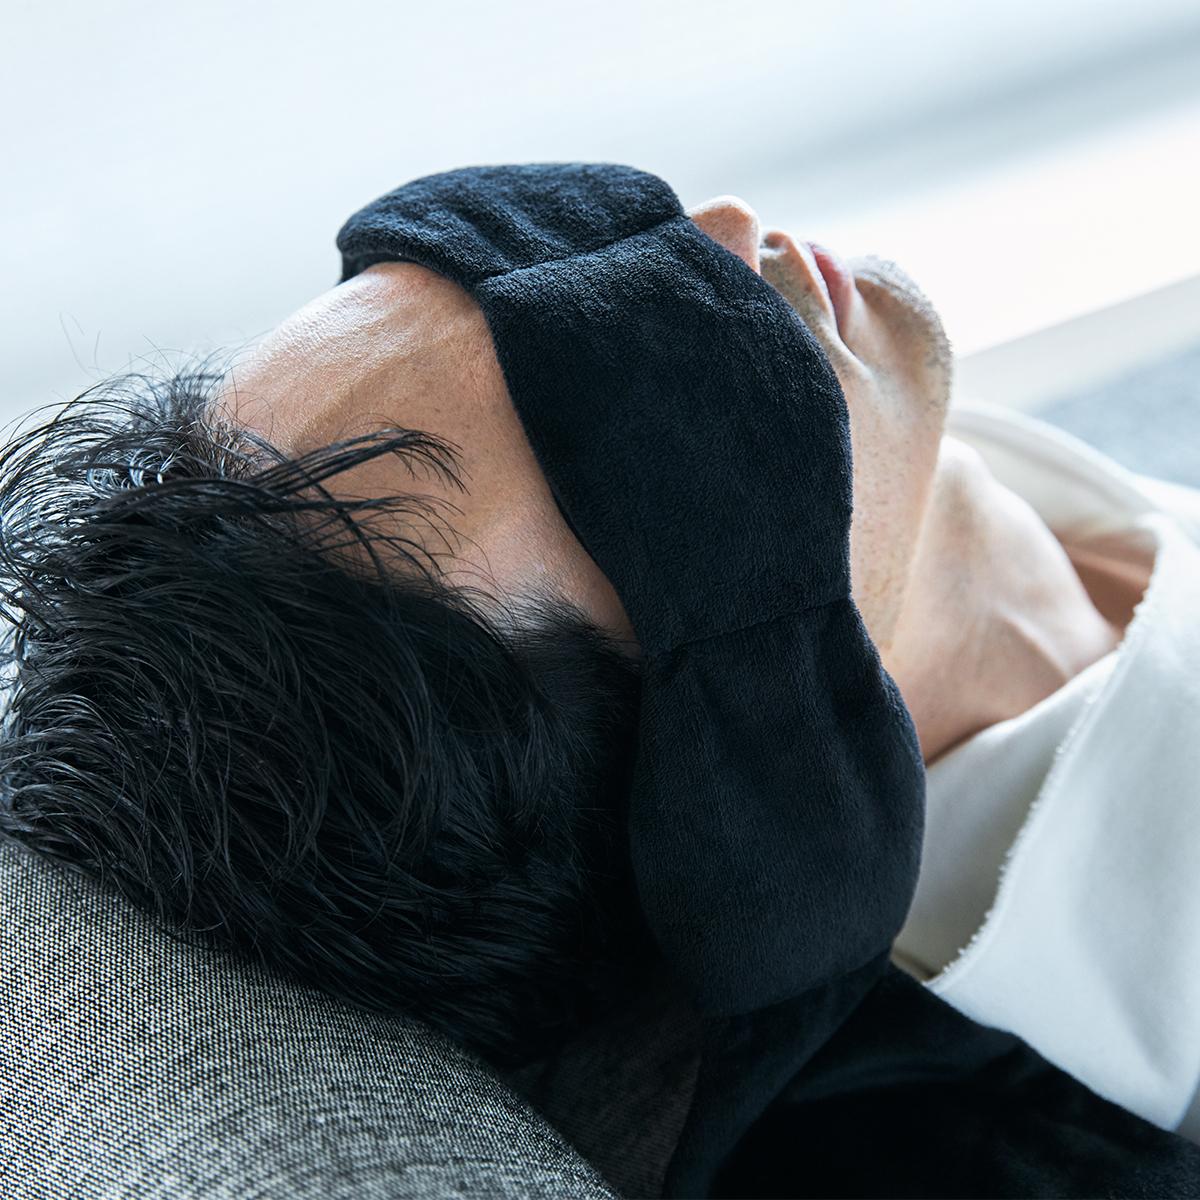 横向き寝でも寝返りしてもズレにくく、静かに顔の凹凸にフィットします。目の上に乗せるだけ、穏やかな重みで夢の世界へ。寝返りを打ってもズレにくい「スリープマスク」|nodpod(ノッドポッド)